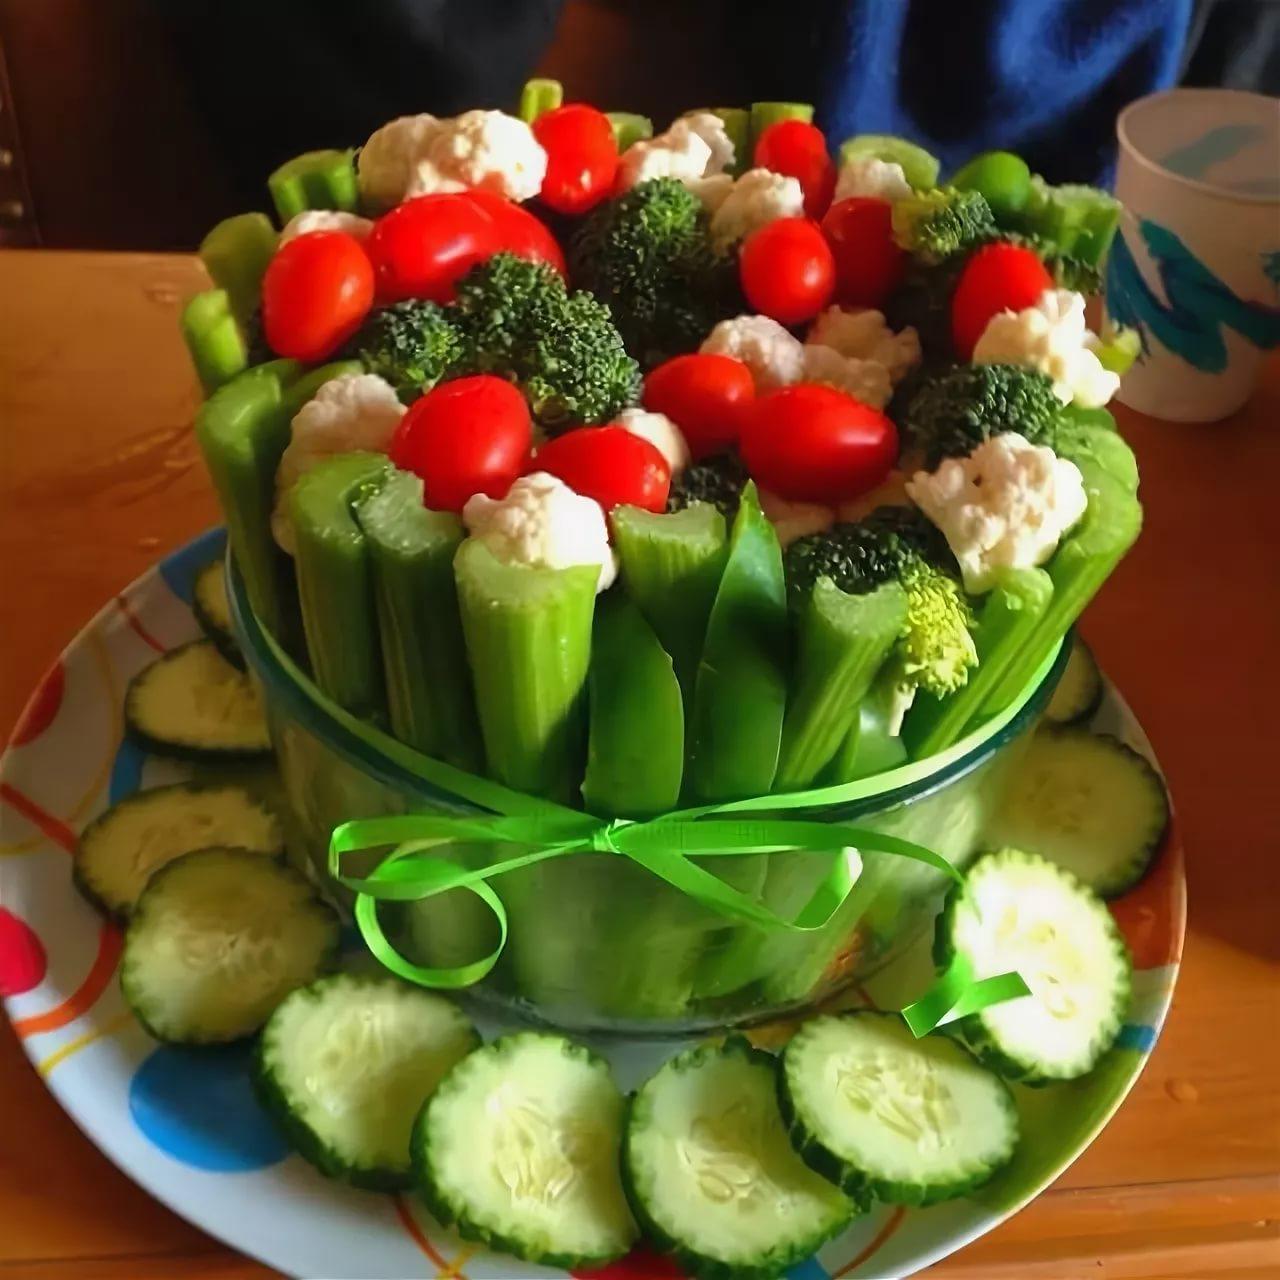 нашего поздравления овощами на день рождения крепко полюбилась цветоводам